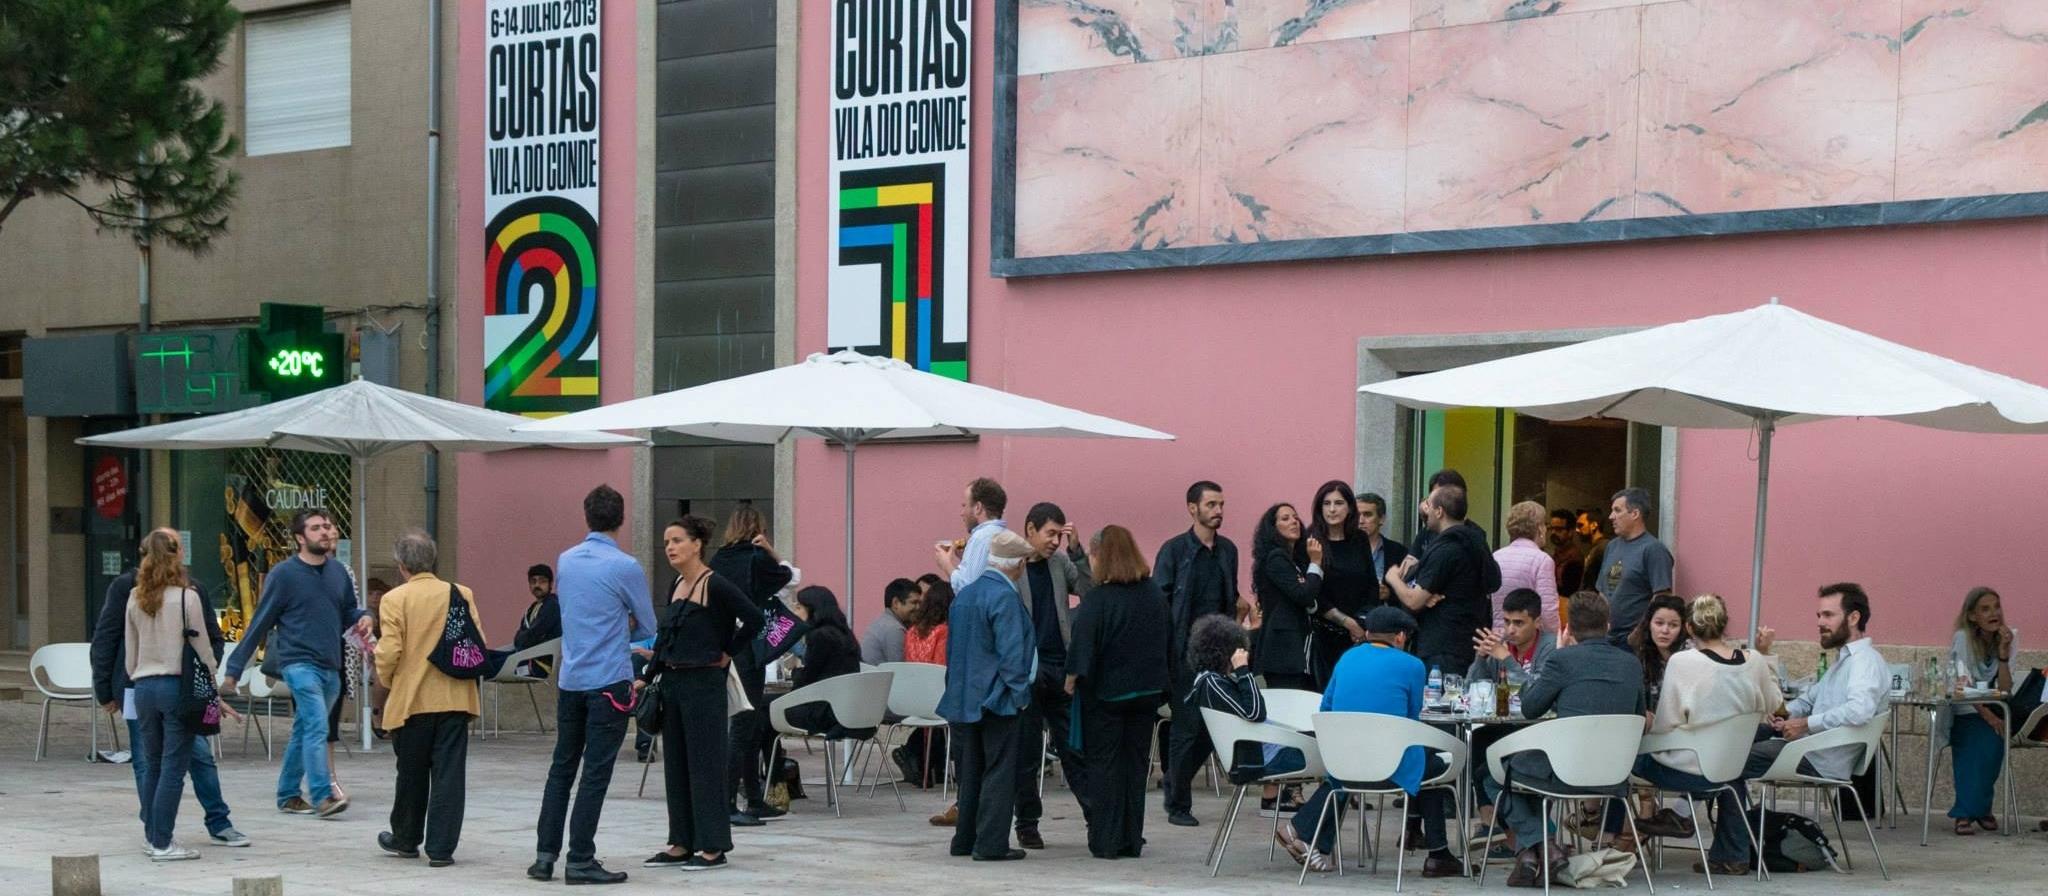 Ein rosafarbenes Gebäude mit großen Bannern. Davor viele Personen in Gruppen. Sie sitzen oder stehen unter großen Sonneschirmen. Viele sind ins Gespräch vertieft.